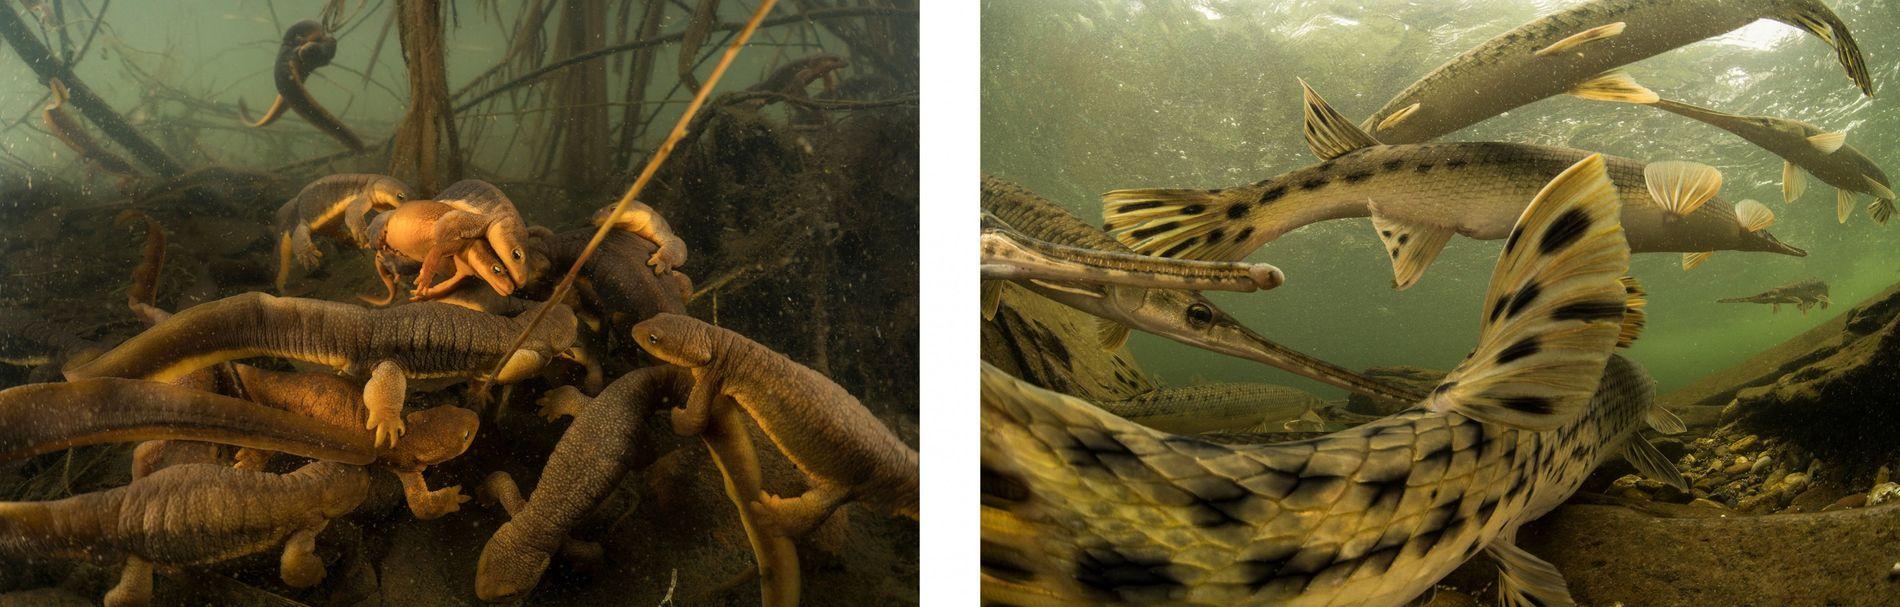 Direita: Os peixes jacaré são peixes antigos que pouco mudaram desde os tempos da pré-história. Uma ...